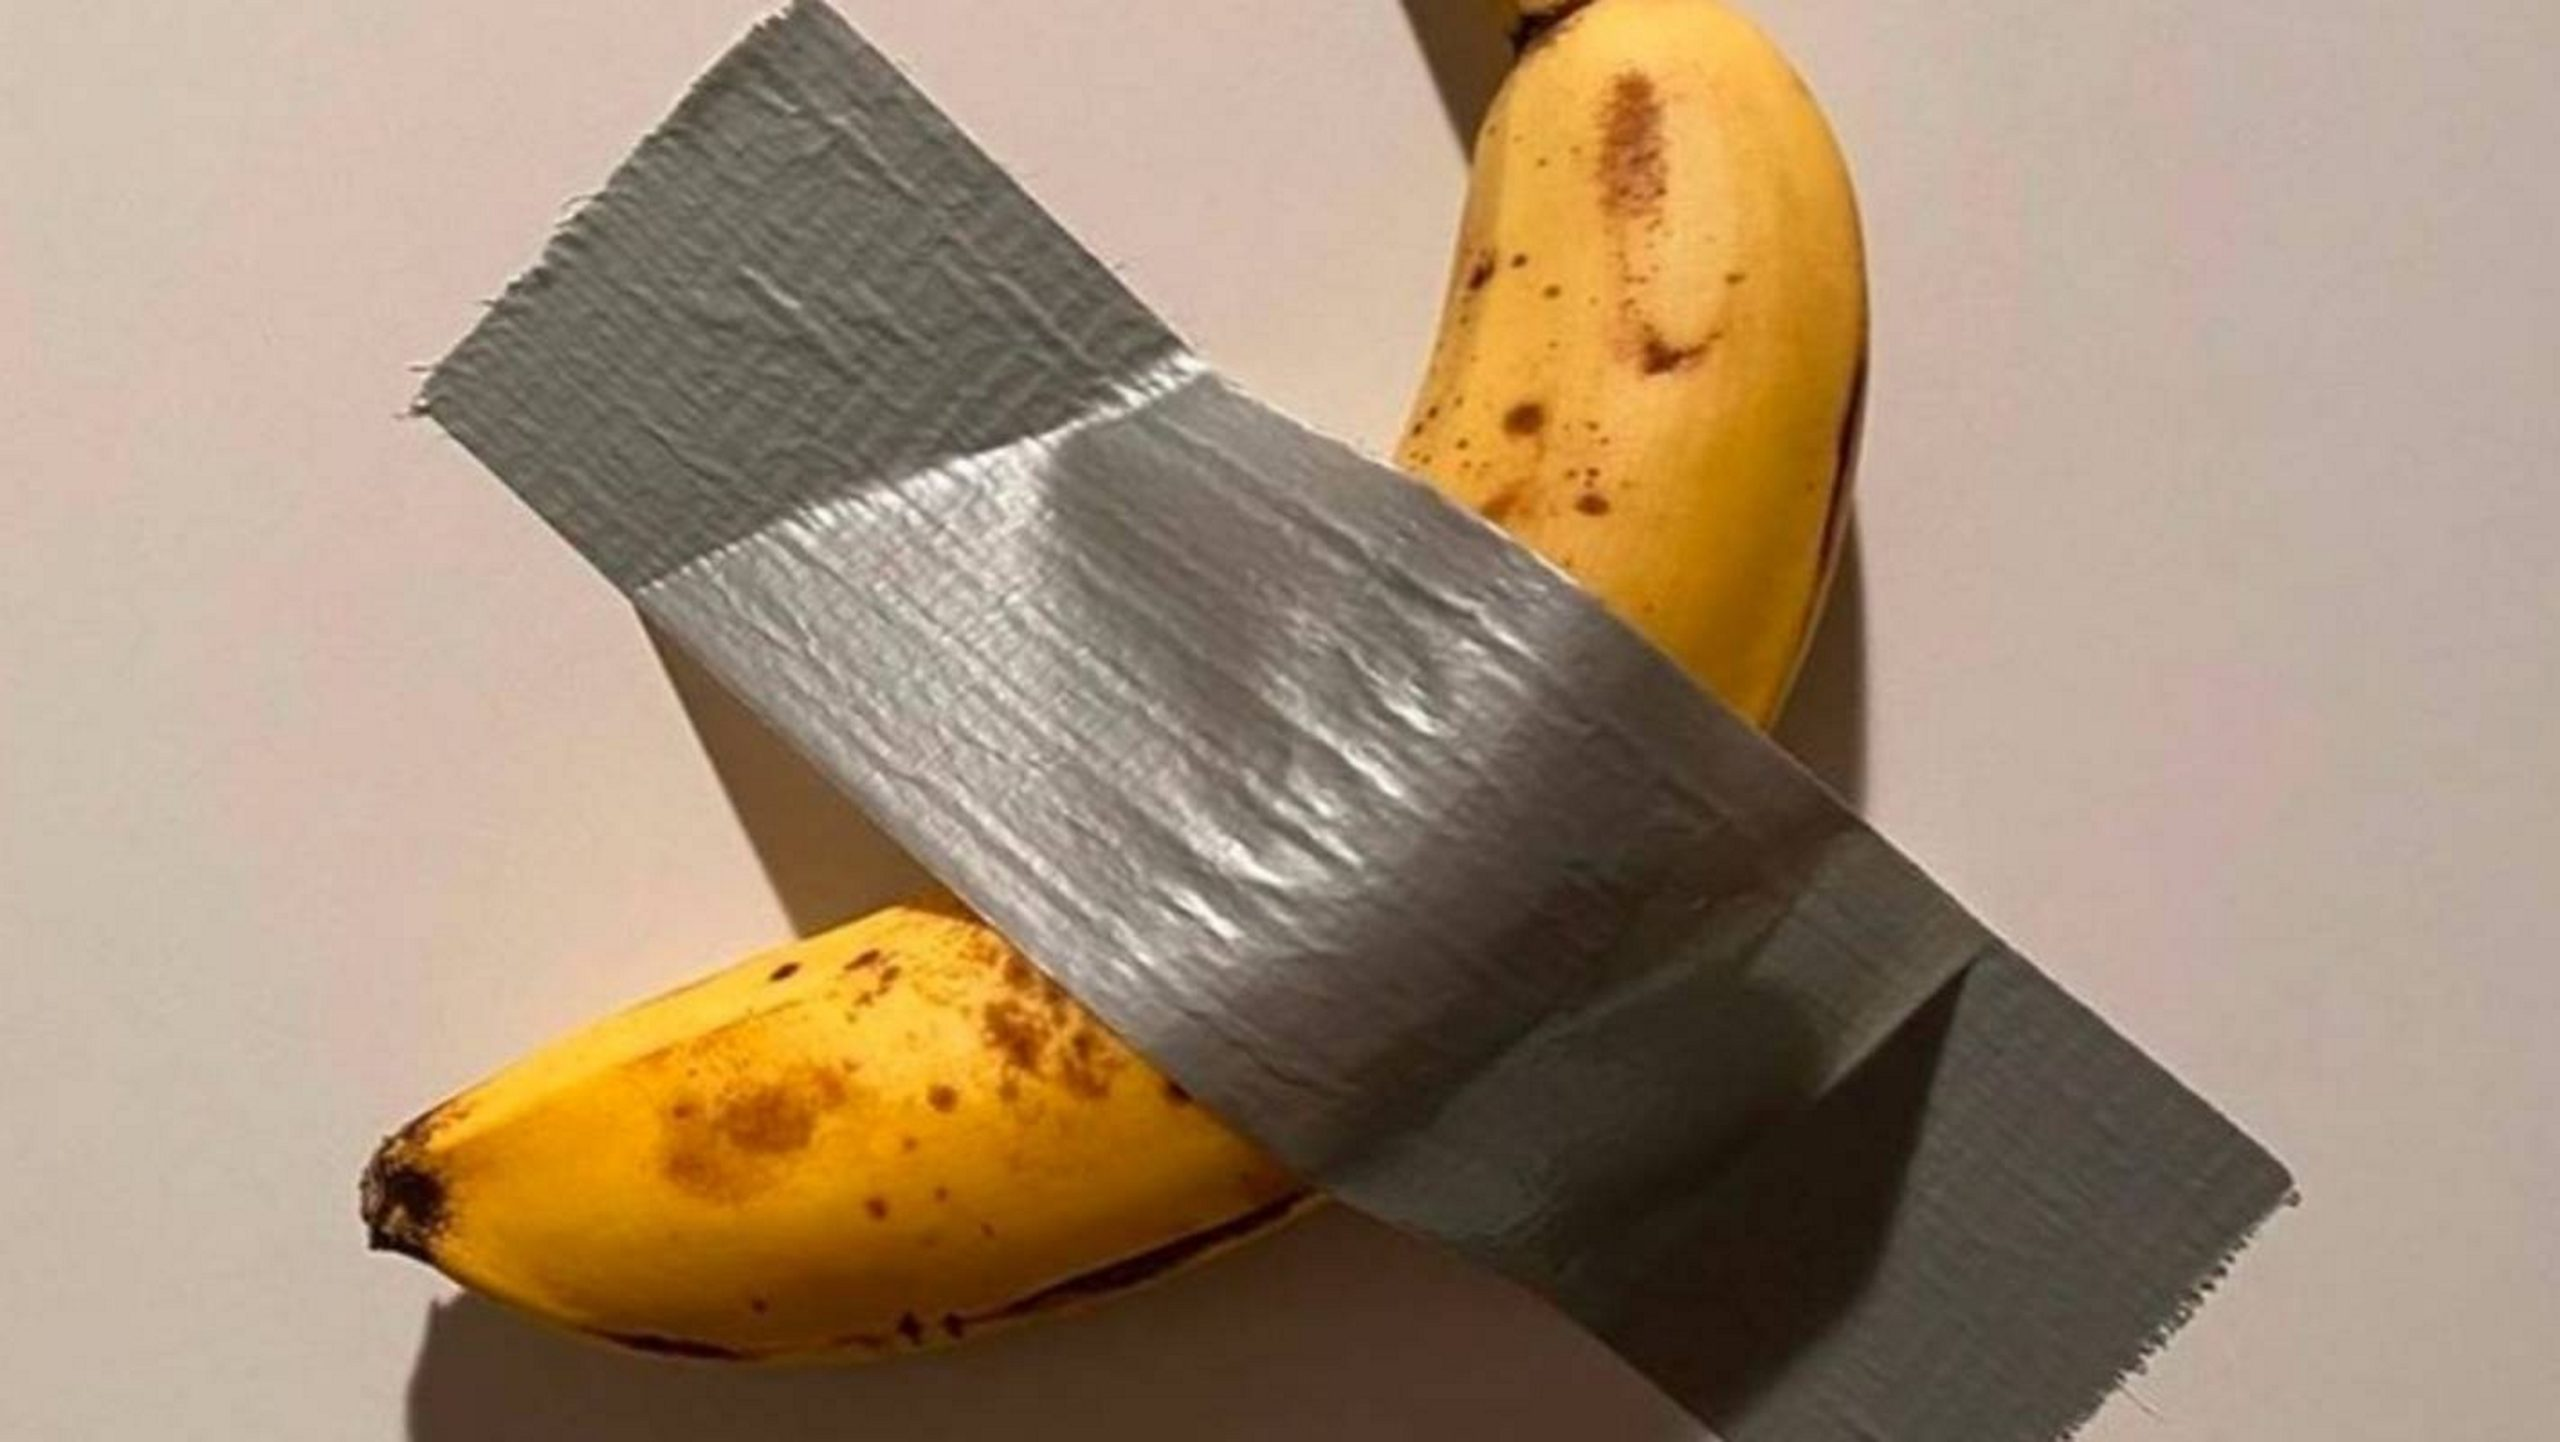 120mila euro per una banana! L'ultimo colpo di Maurizio Cattelan ad Art Basel Miami Beach